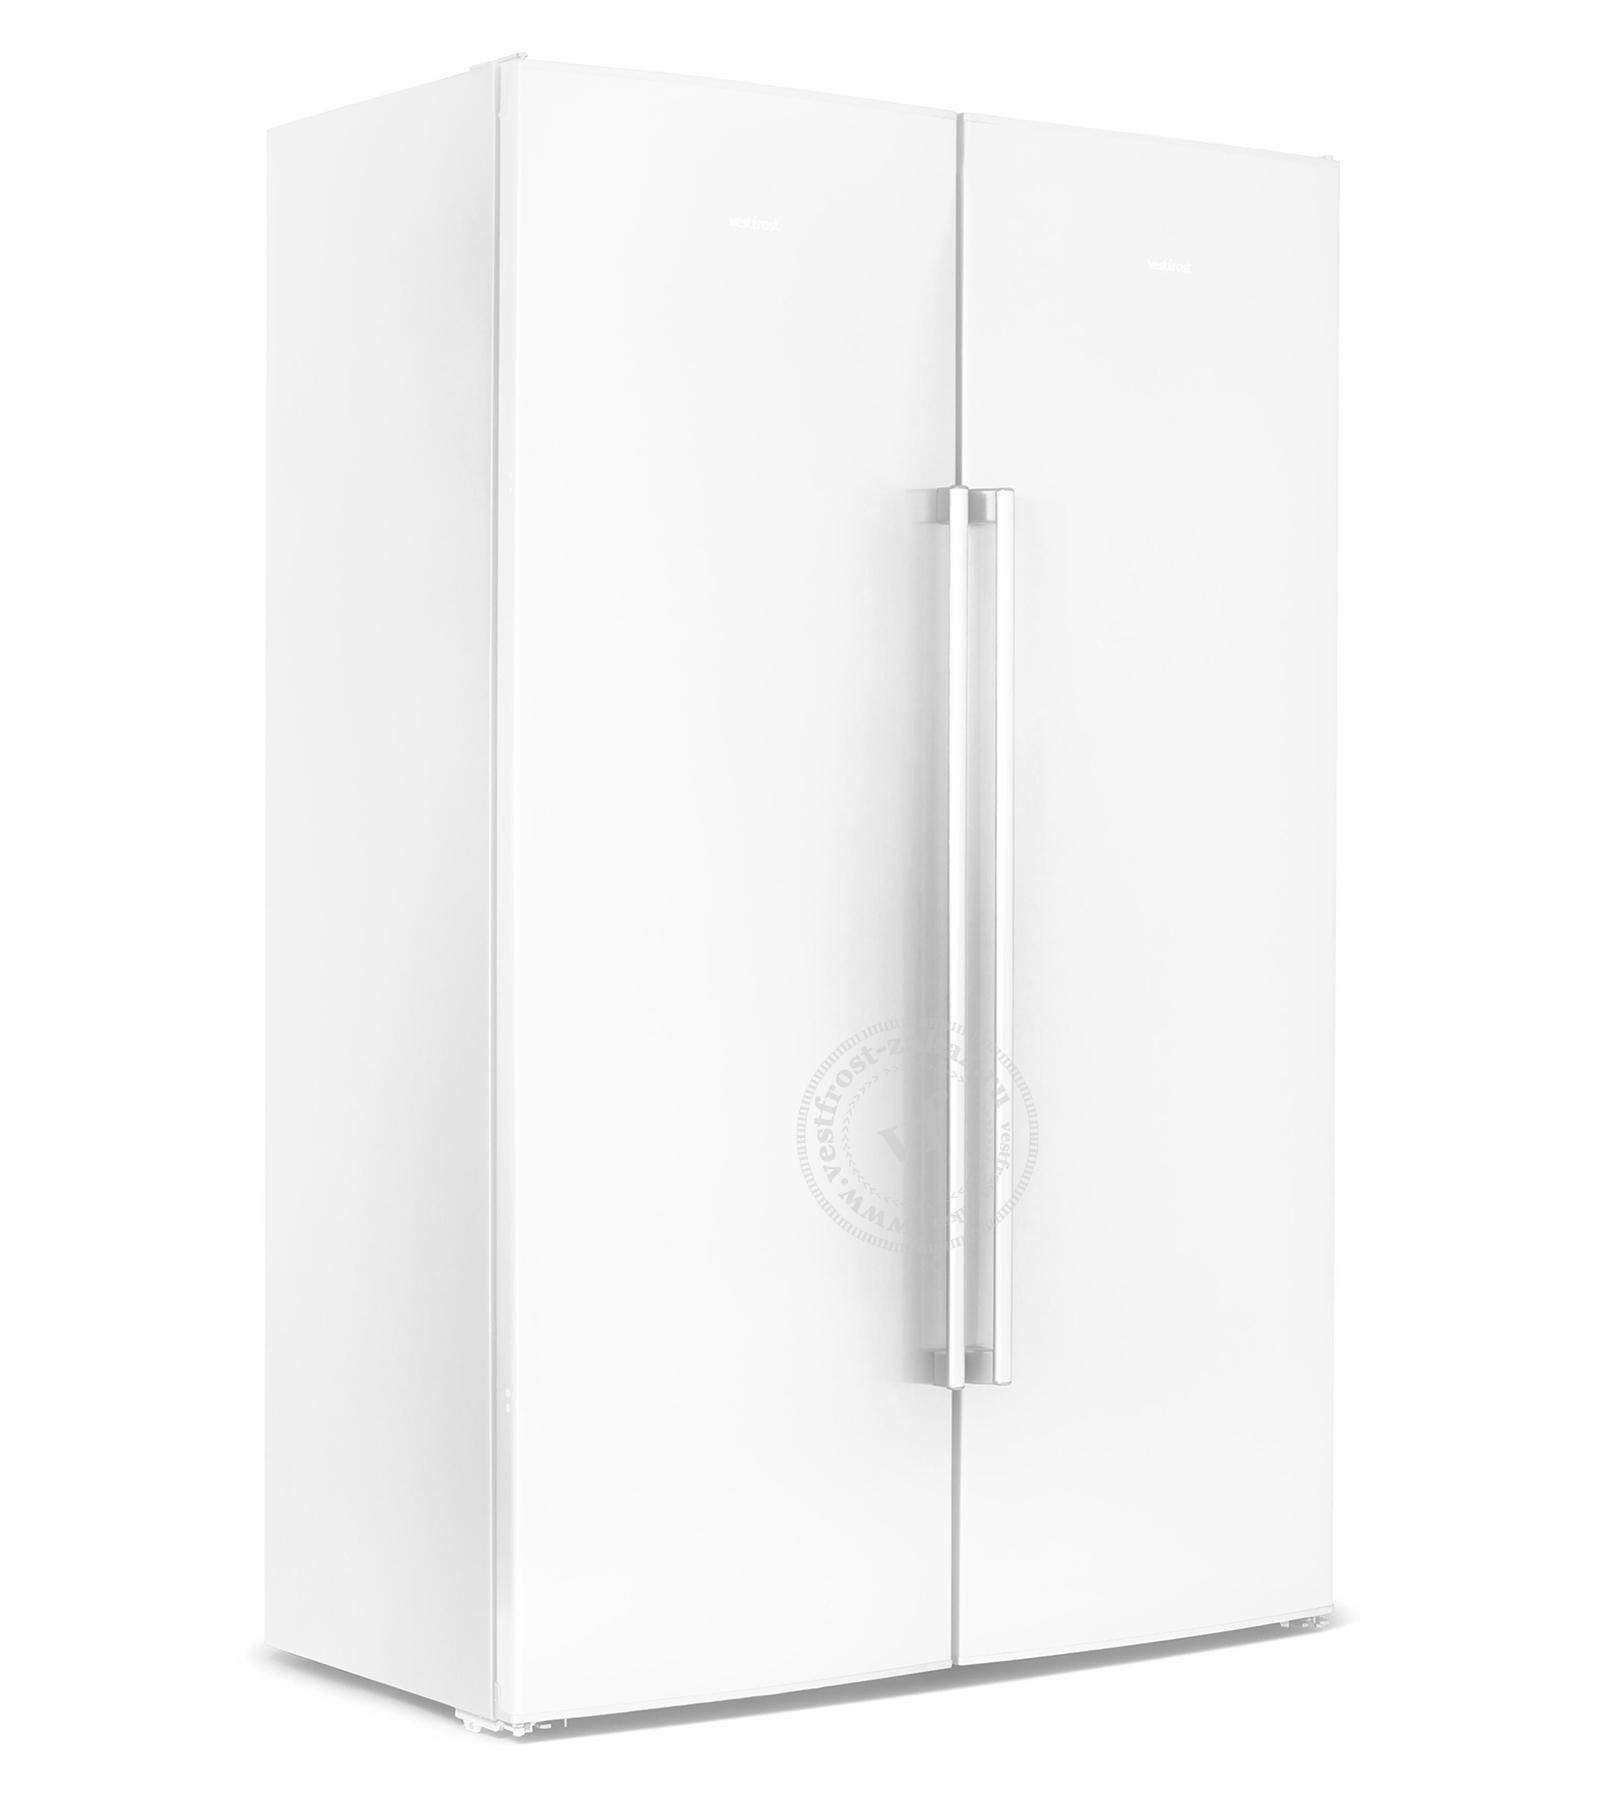 Холодильники «vestfrost»: плюсы и минусы техники + обзор популярных моделей - точка j